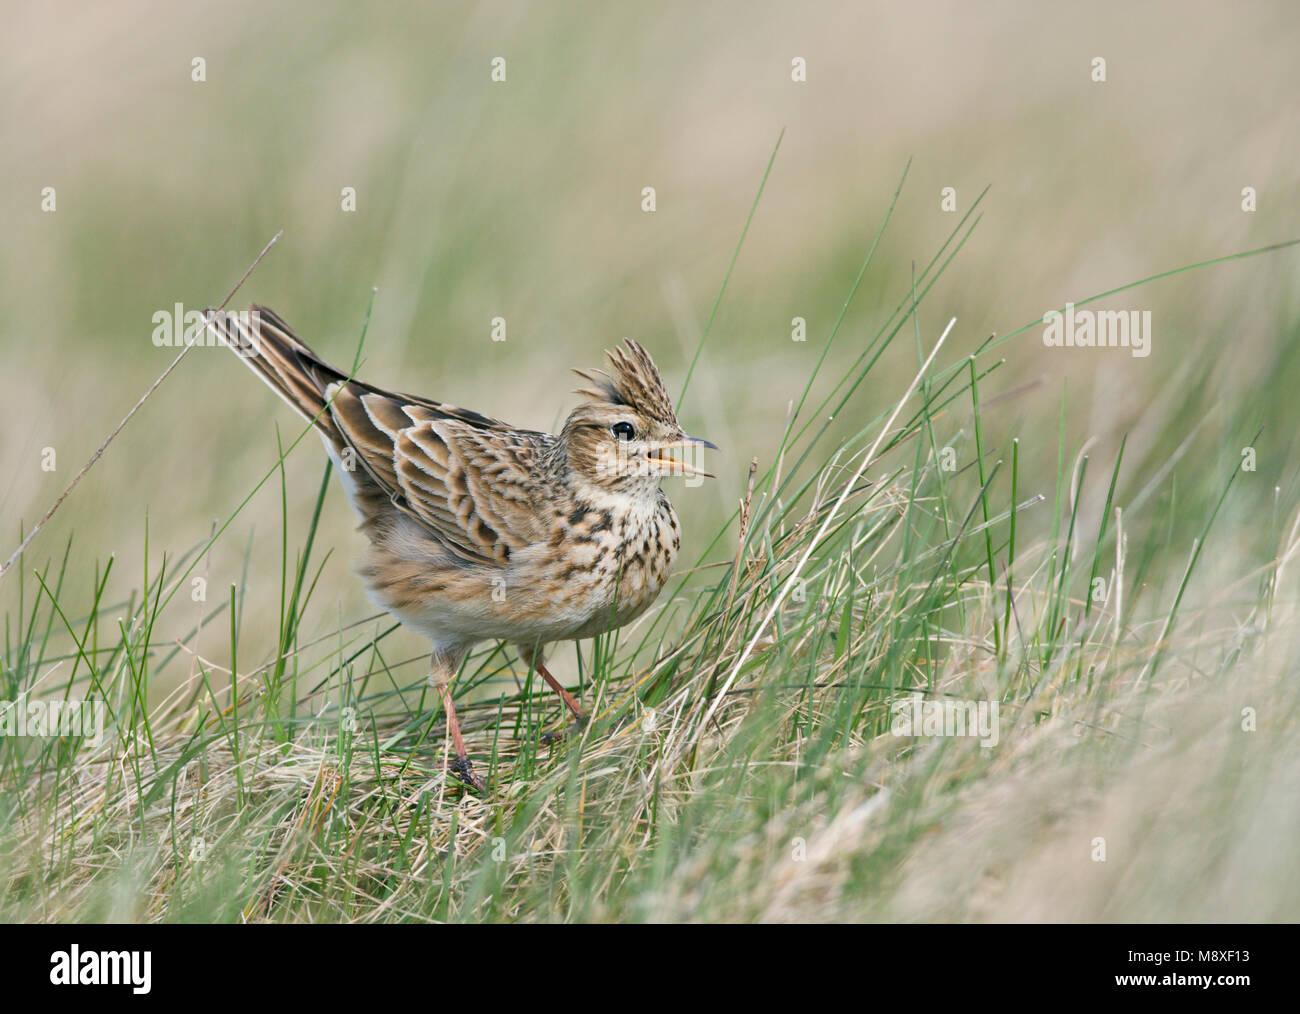 Veldleeuwerik op de grond; Eurasian Skylark on the ground - Stock Image